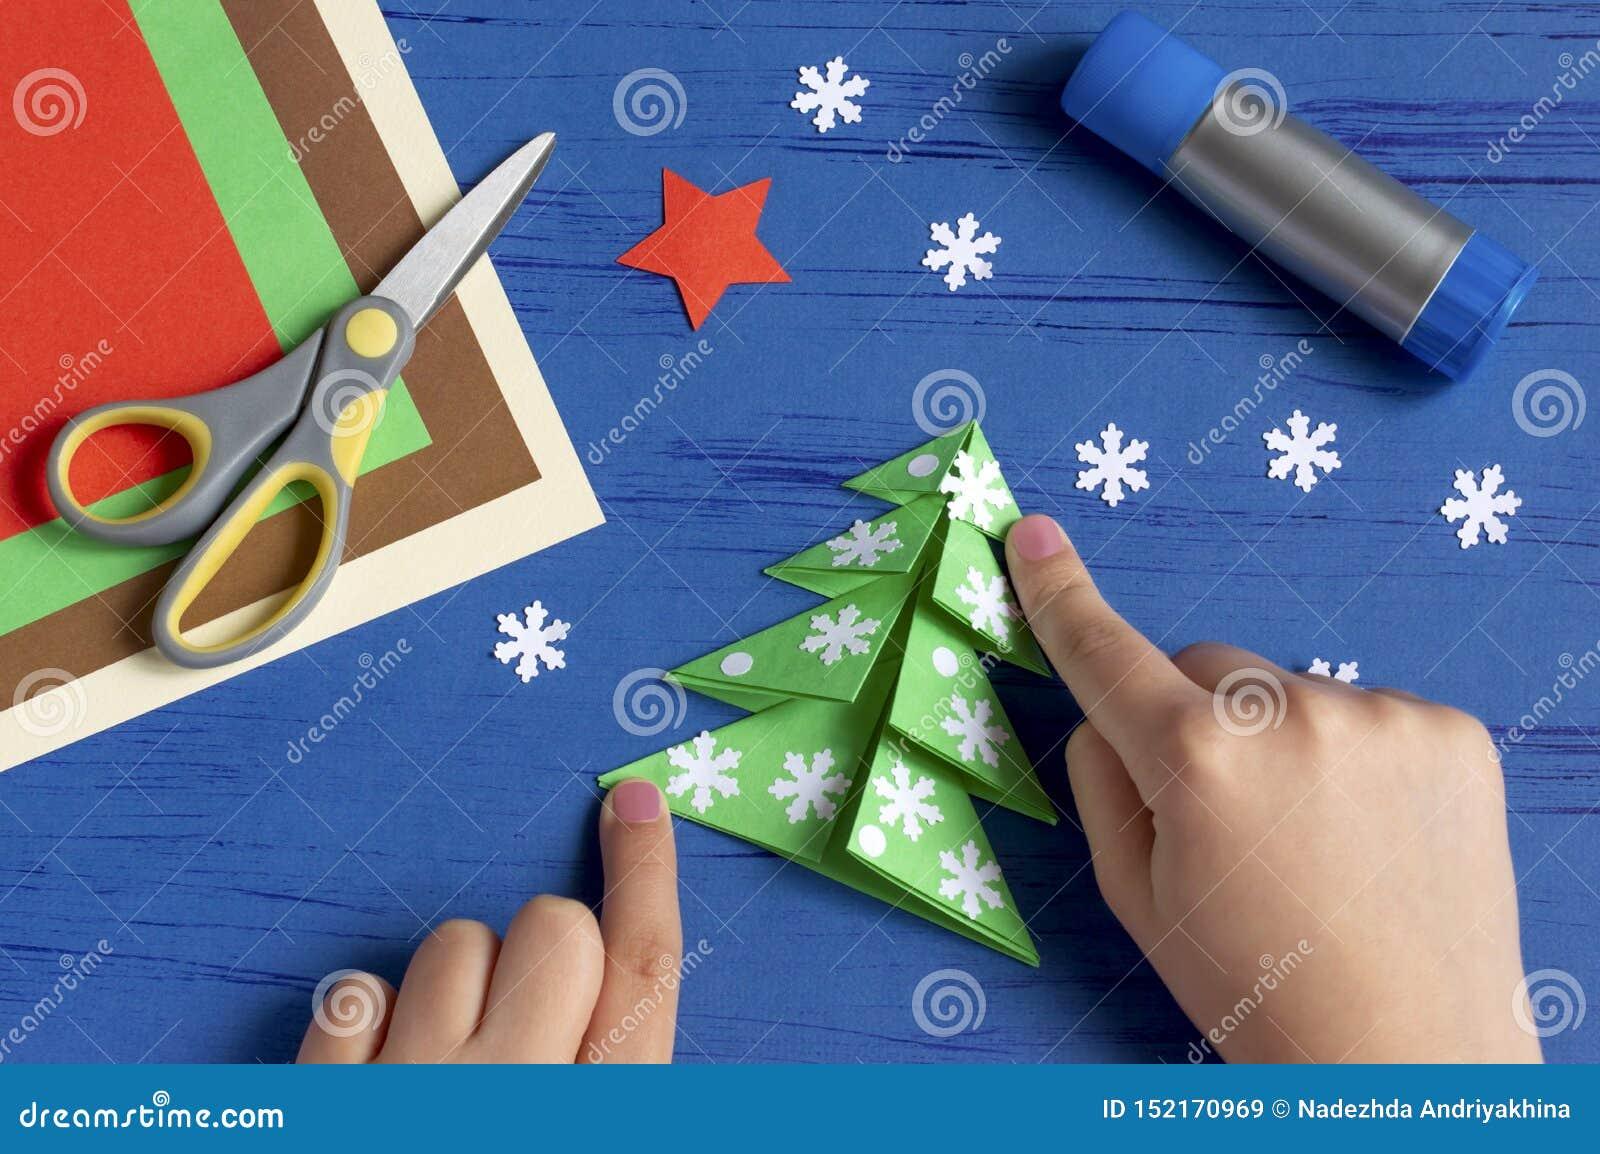 How To Make Christmas Card With Christmas Tree Step 9 Stock Image Image Of Creative Christmas 152170969